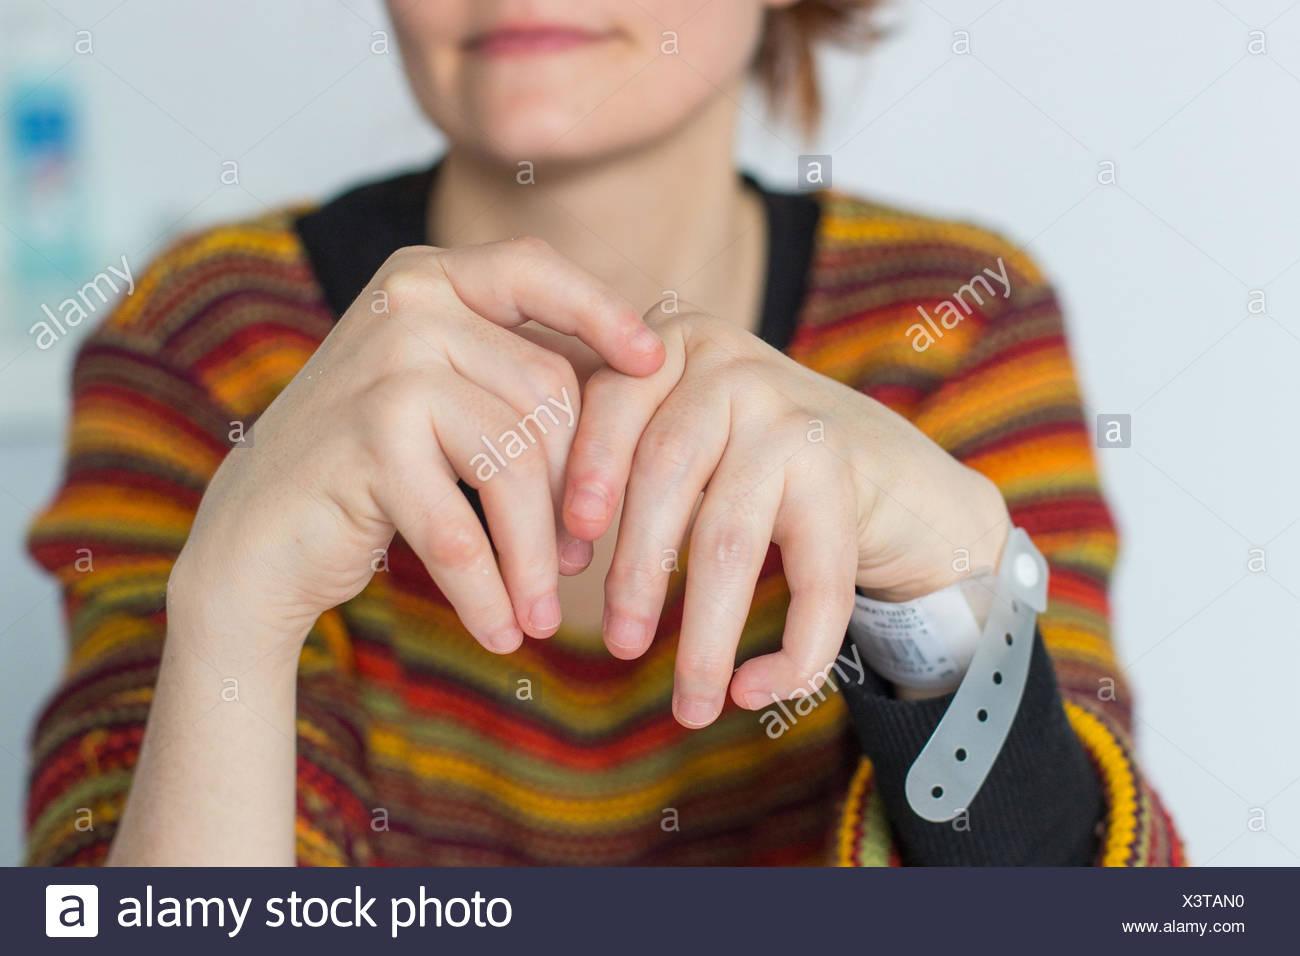 Hände einer Frau mit rheumatoider Arthritis. Stockbild